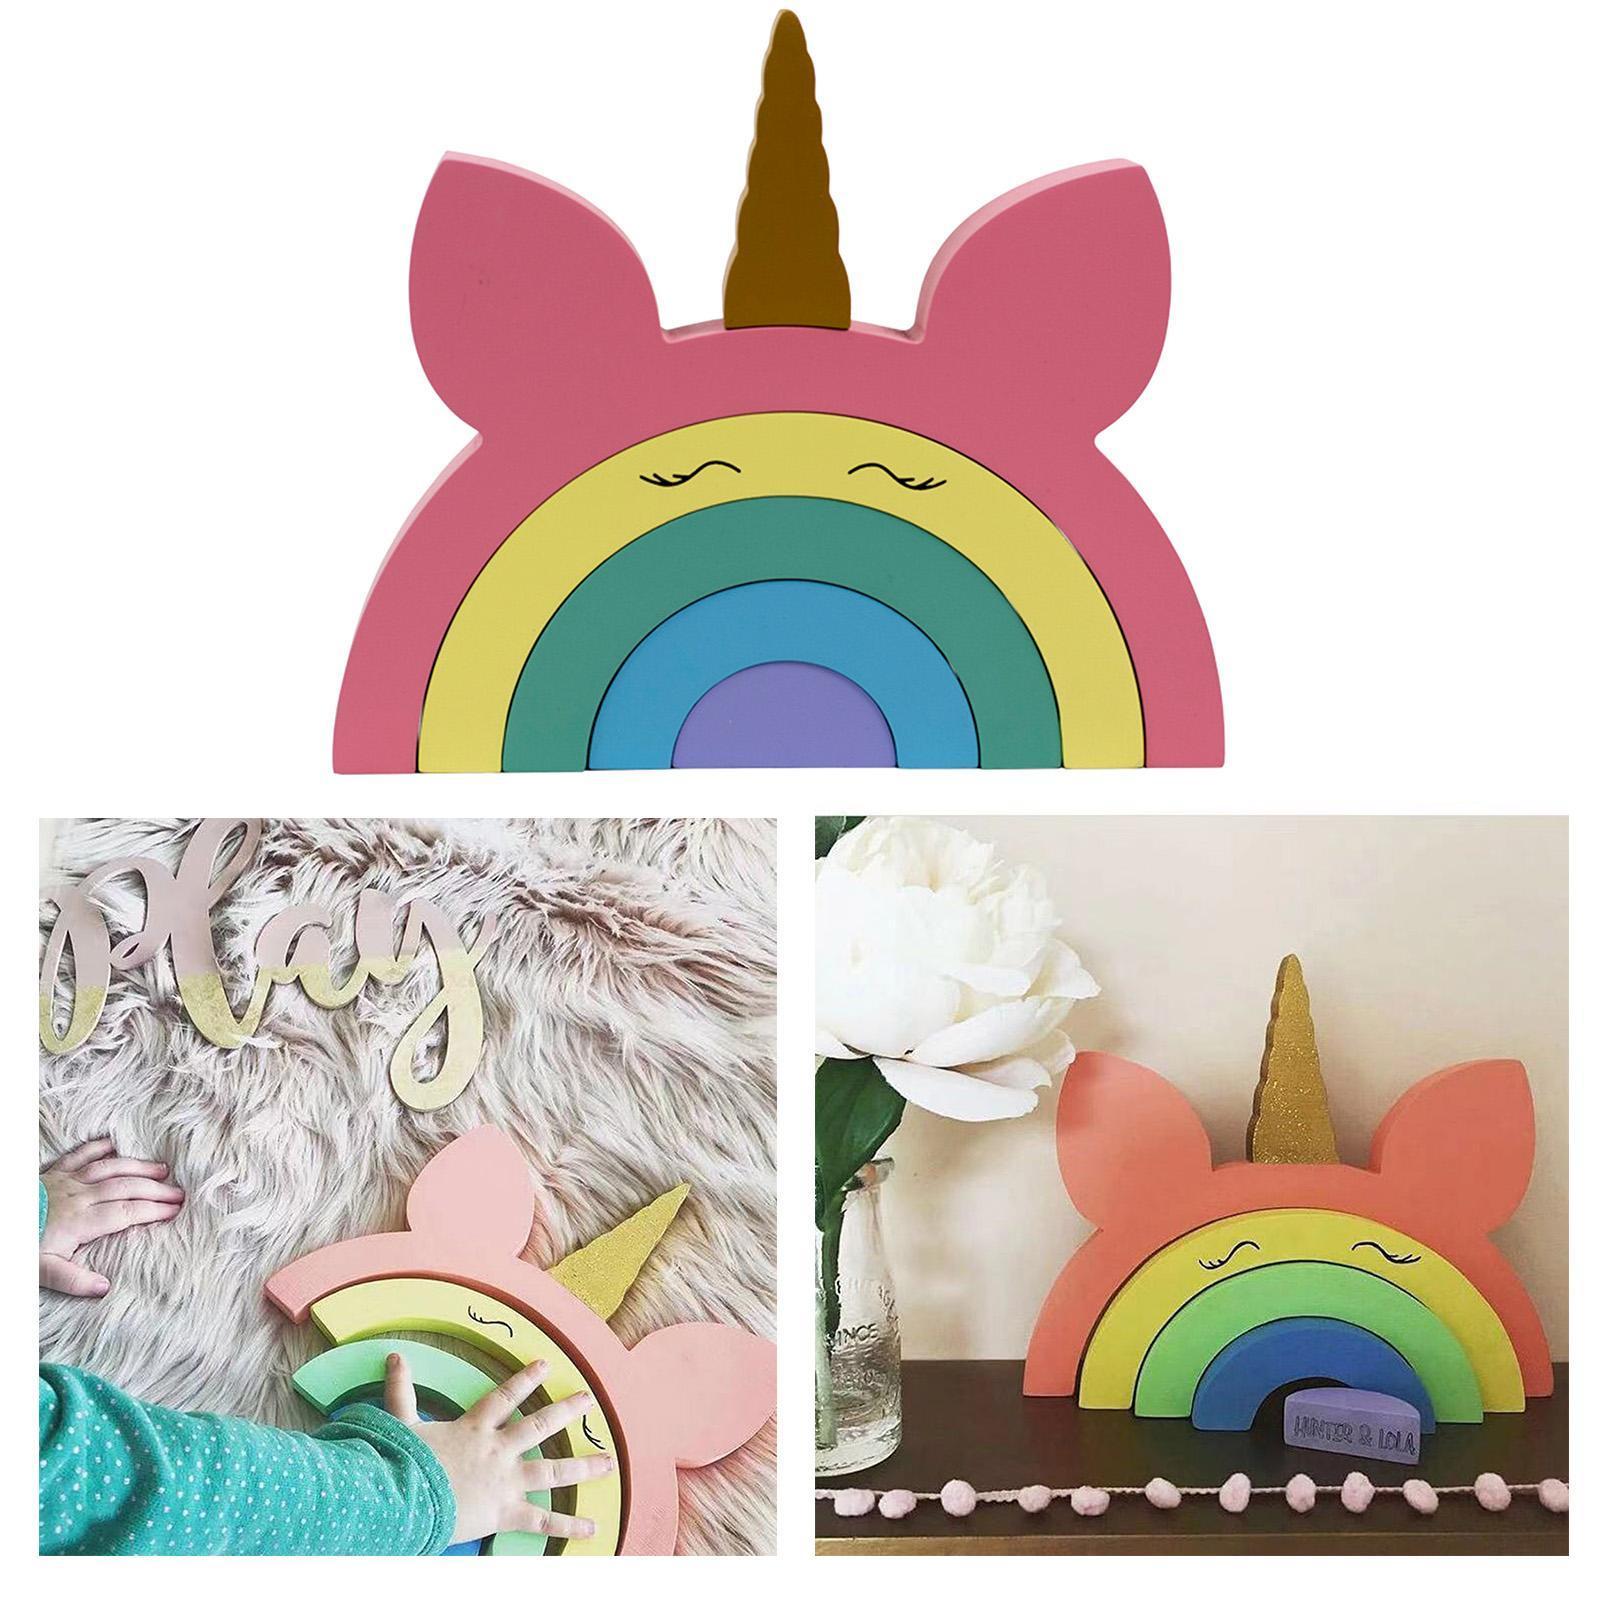 miniature 6 - Blocs de construction d'empilage coloré en bois créatif jouet de bébé Montes